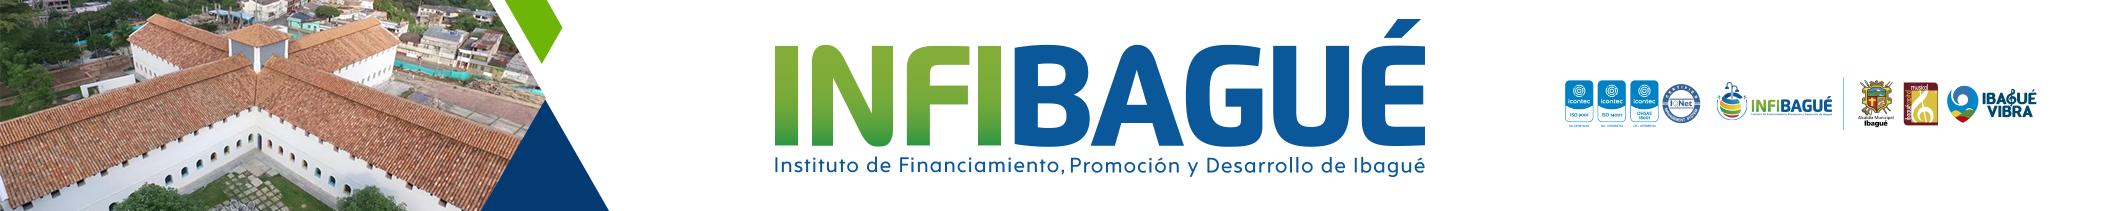 INFIbague logo